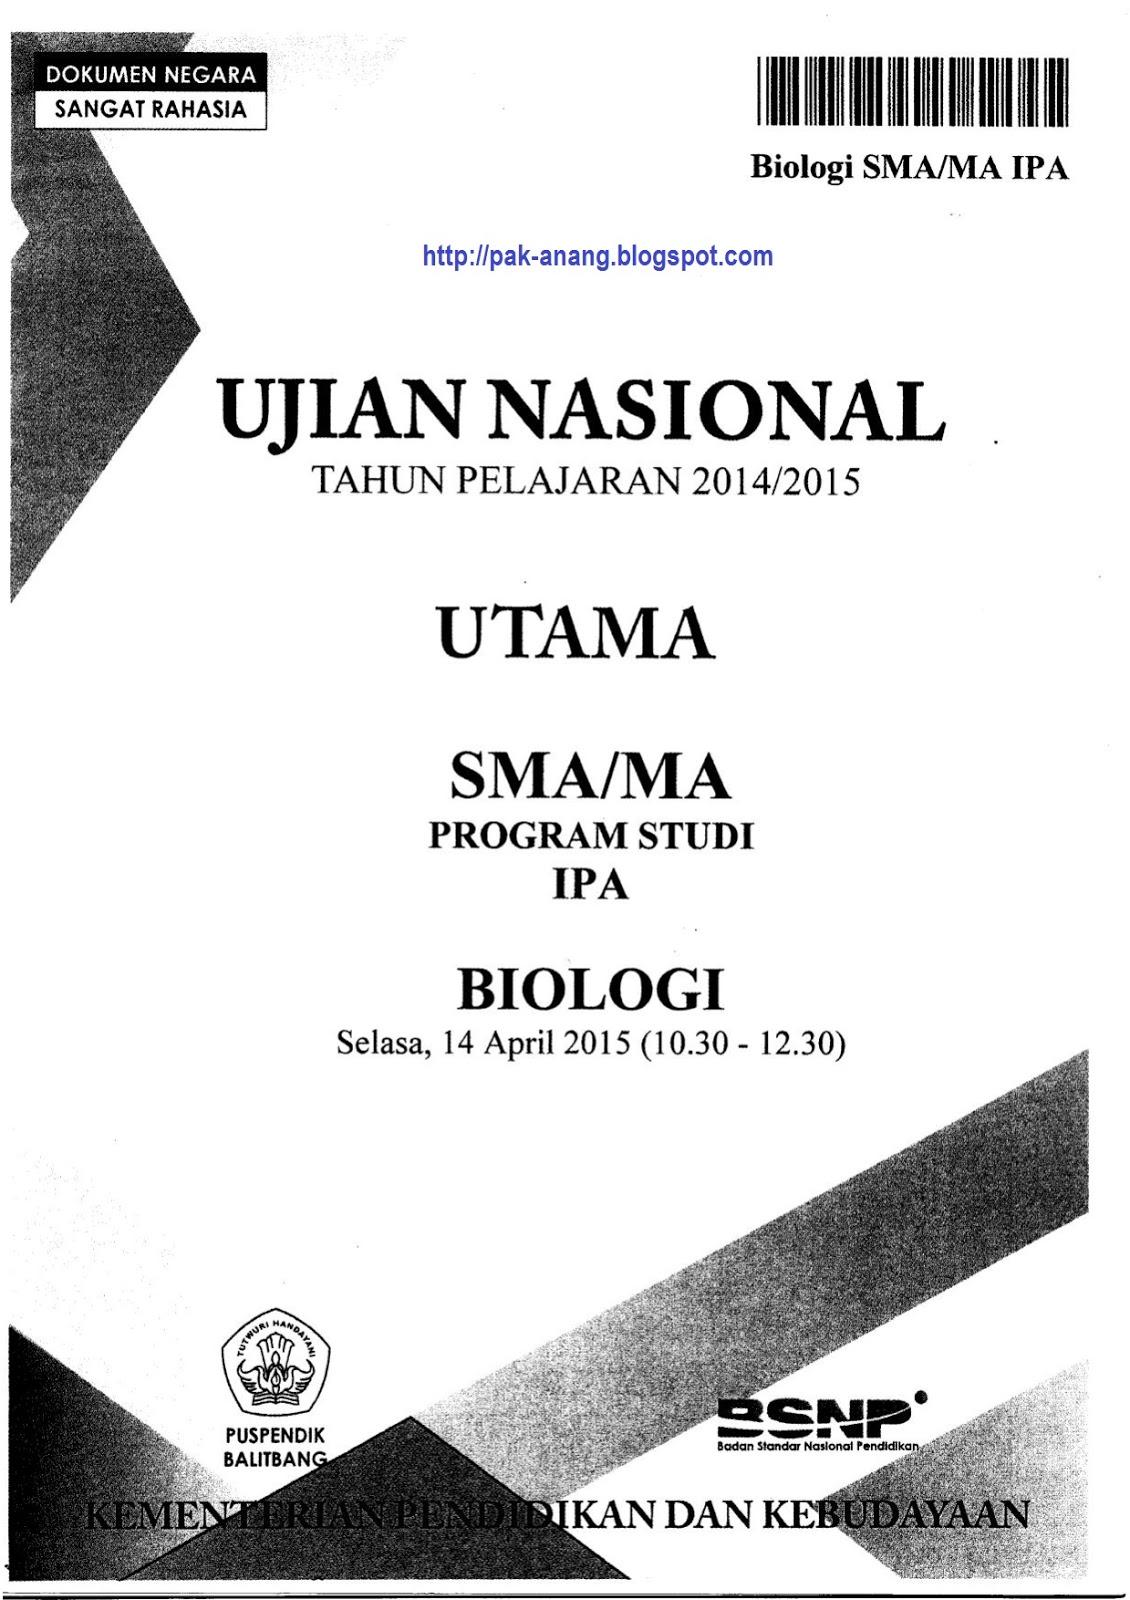 Soal Un Biologi : biologi, Berbagi, Belajar:, Naskah, Biologi, Paket